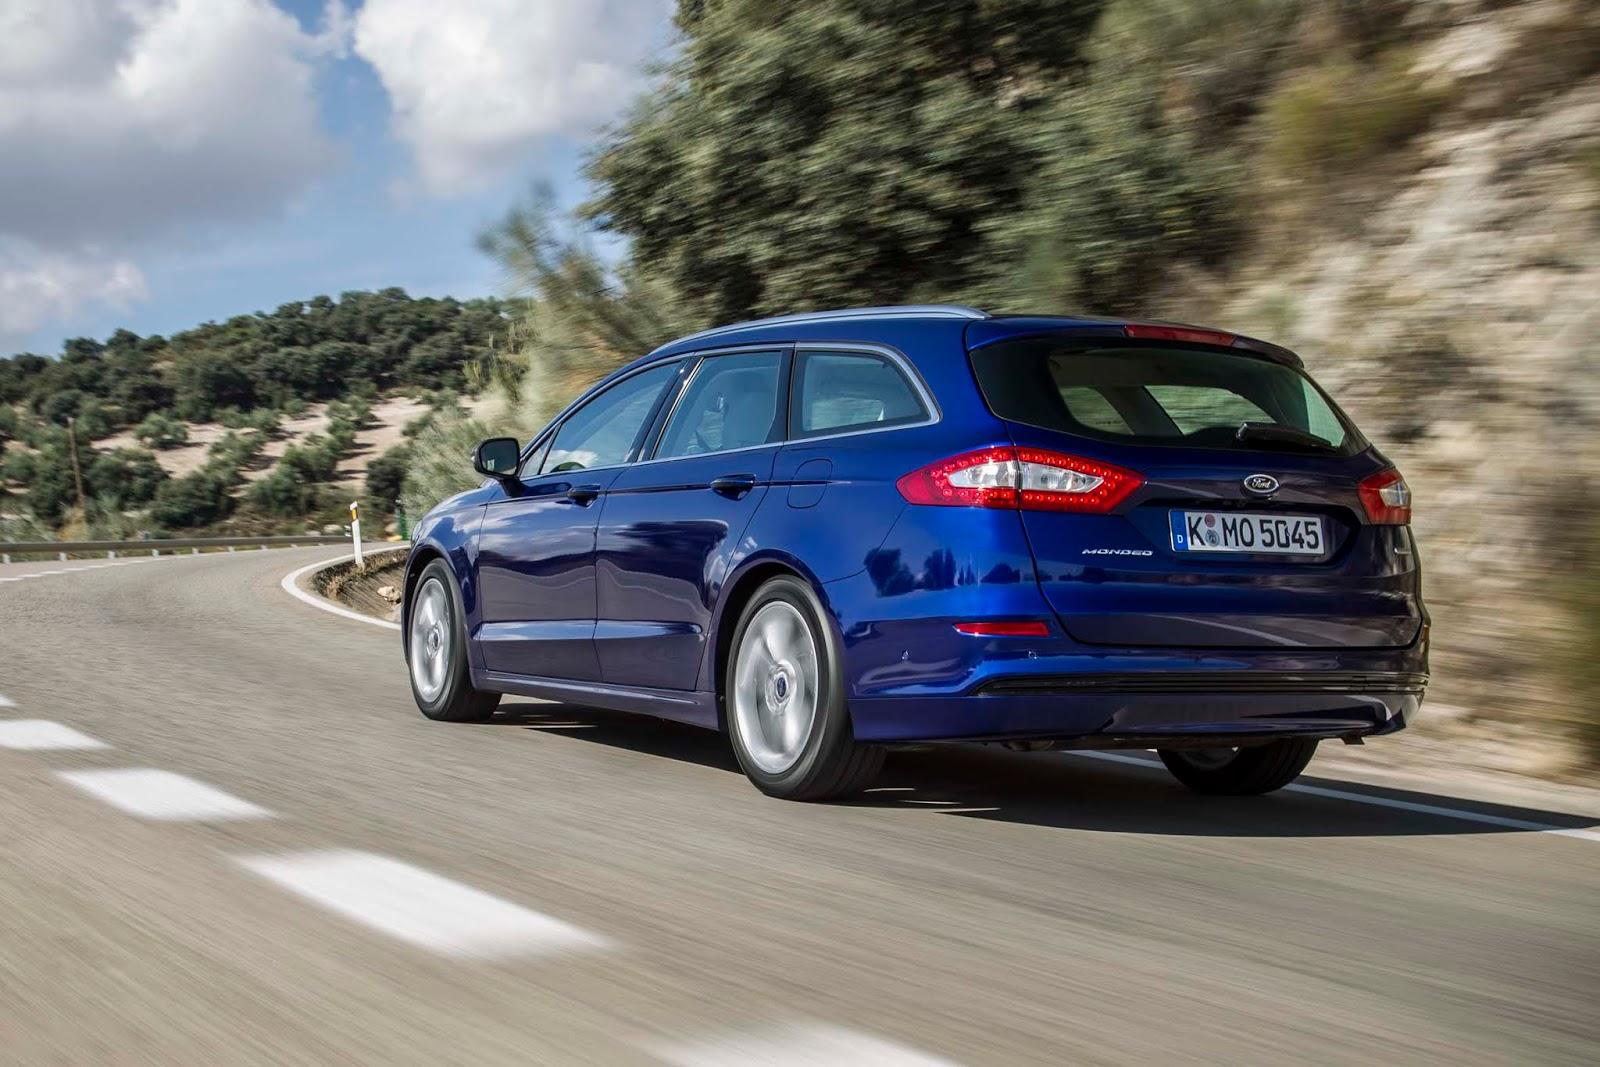 Ford ruft 190.000 Fahrzeuge in Deutschland zurück in die Werkstatt ...